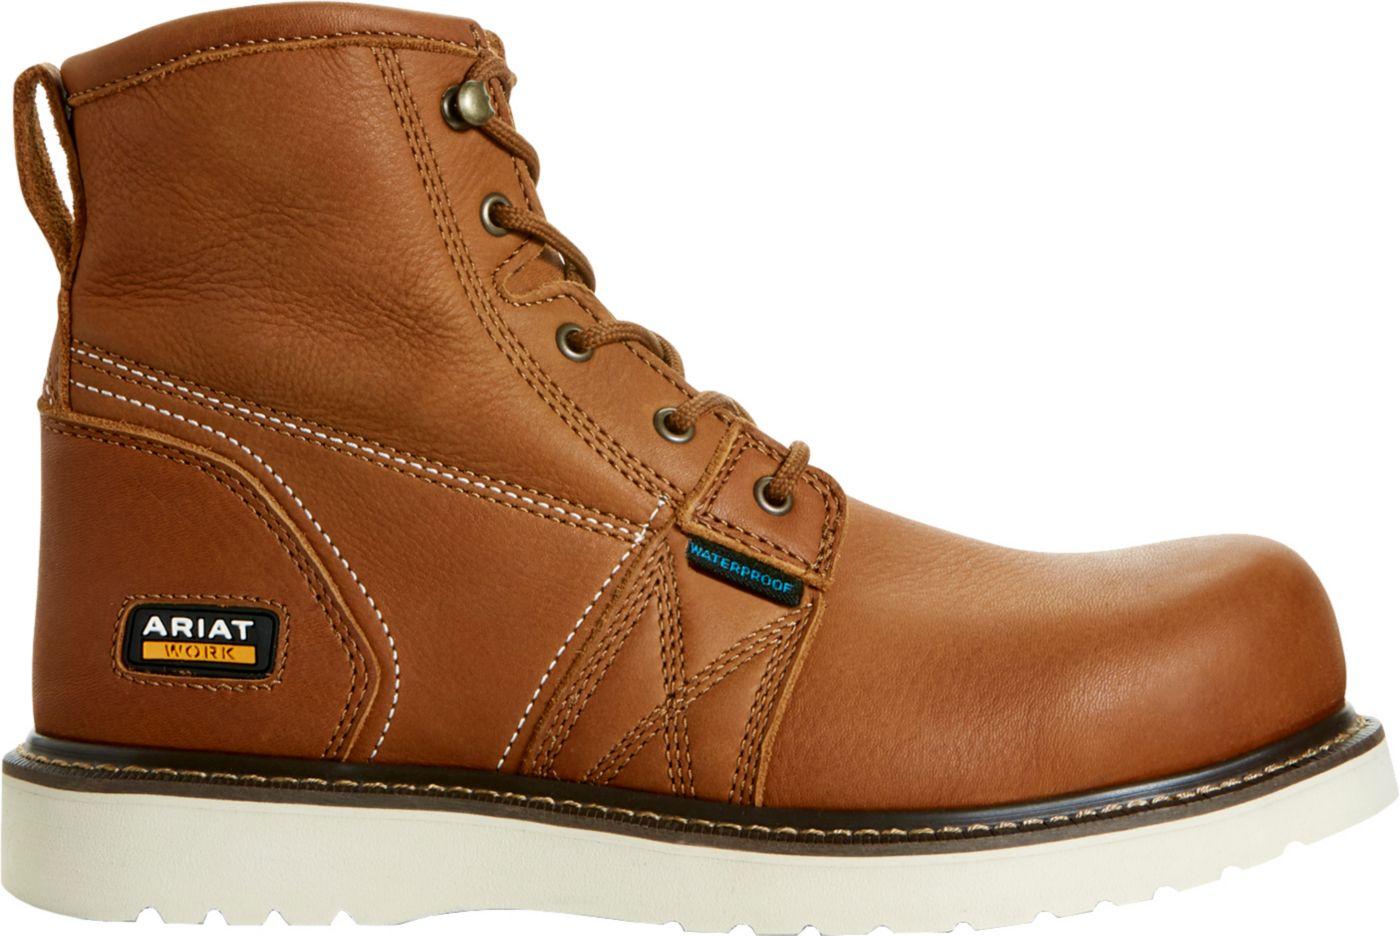 Ariat Men's Wedge 6'' Waterproof Composite Toe Work Boots